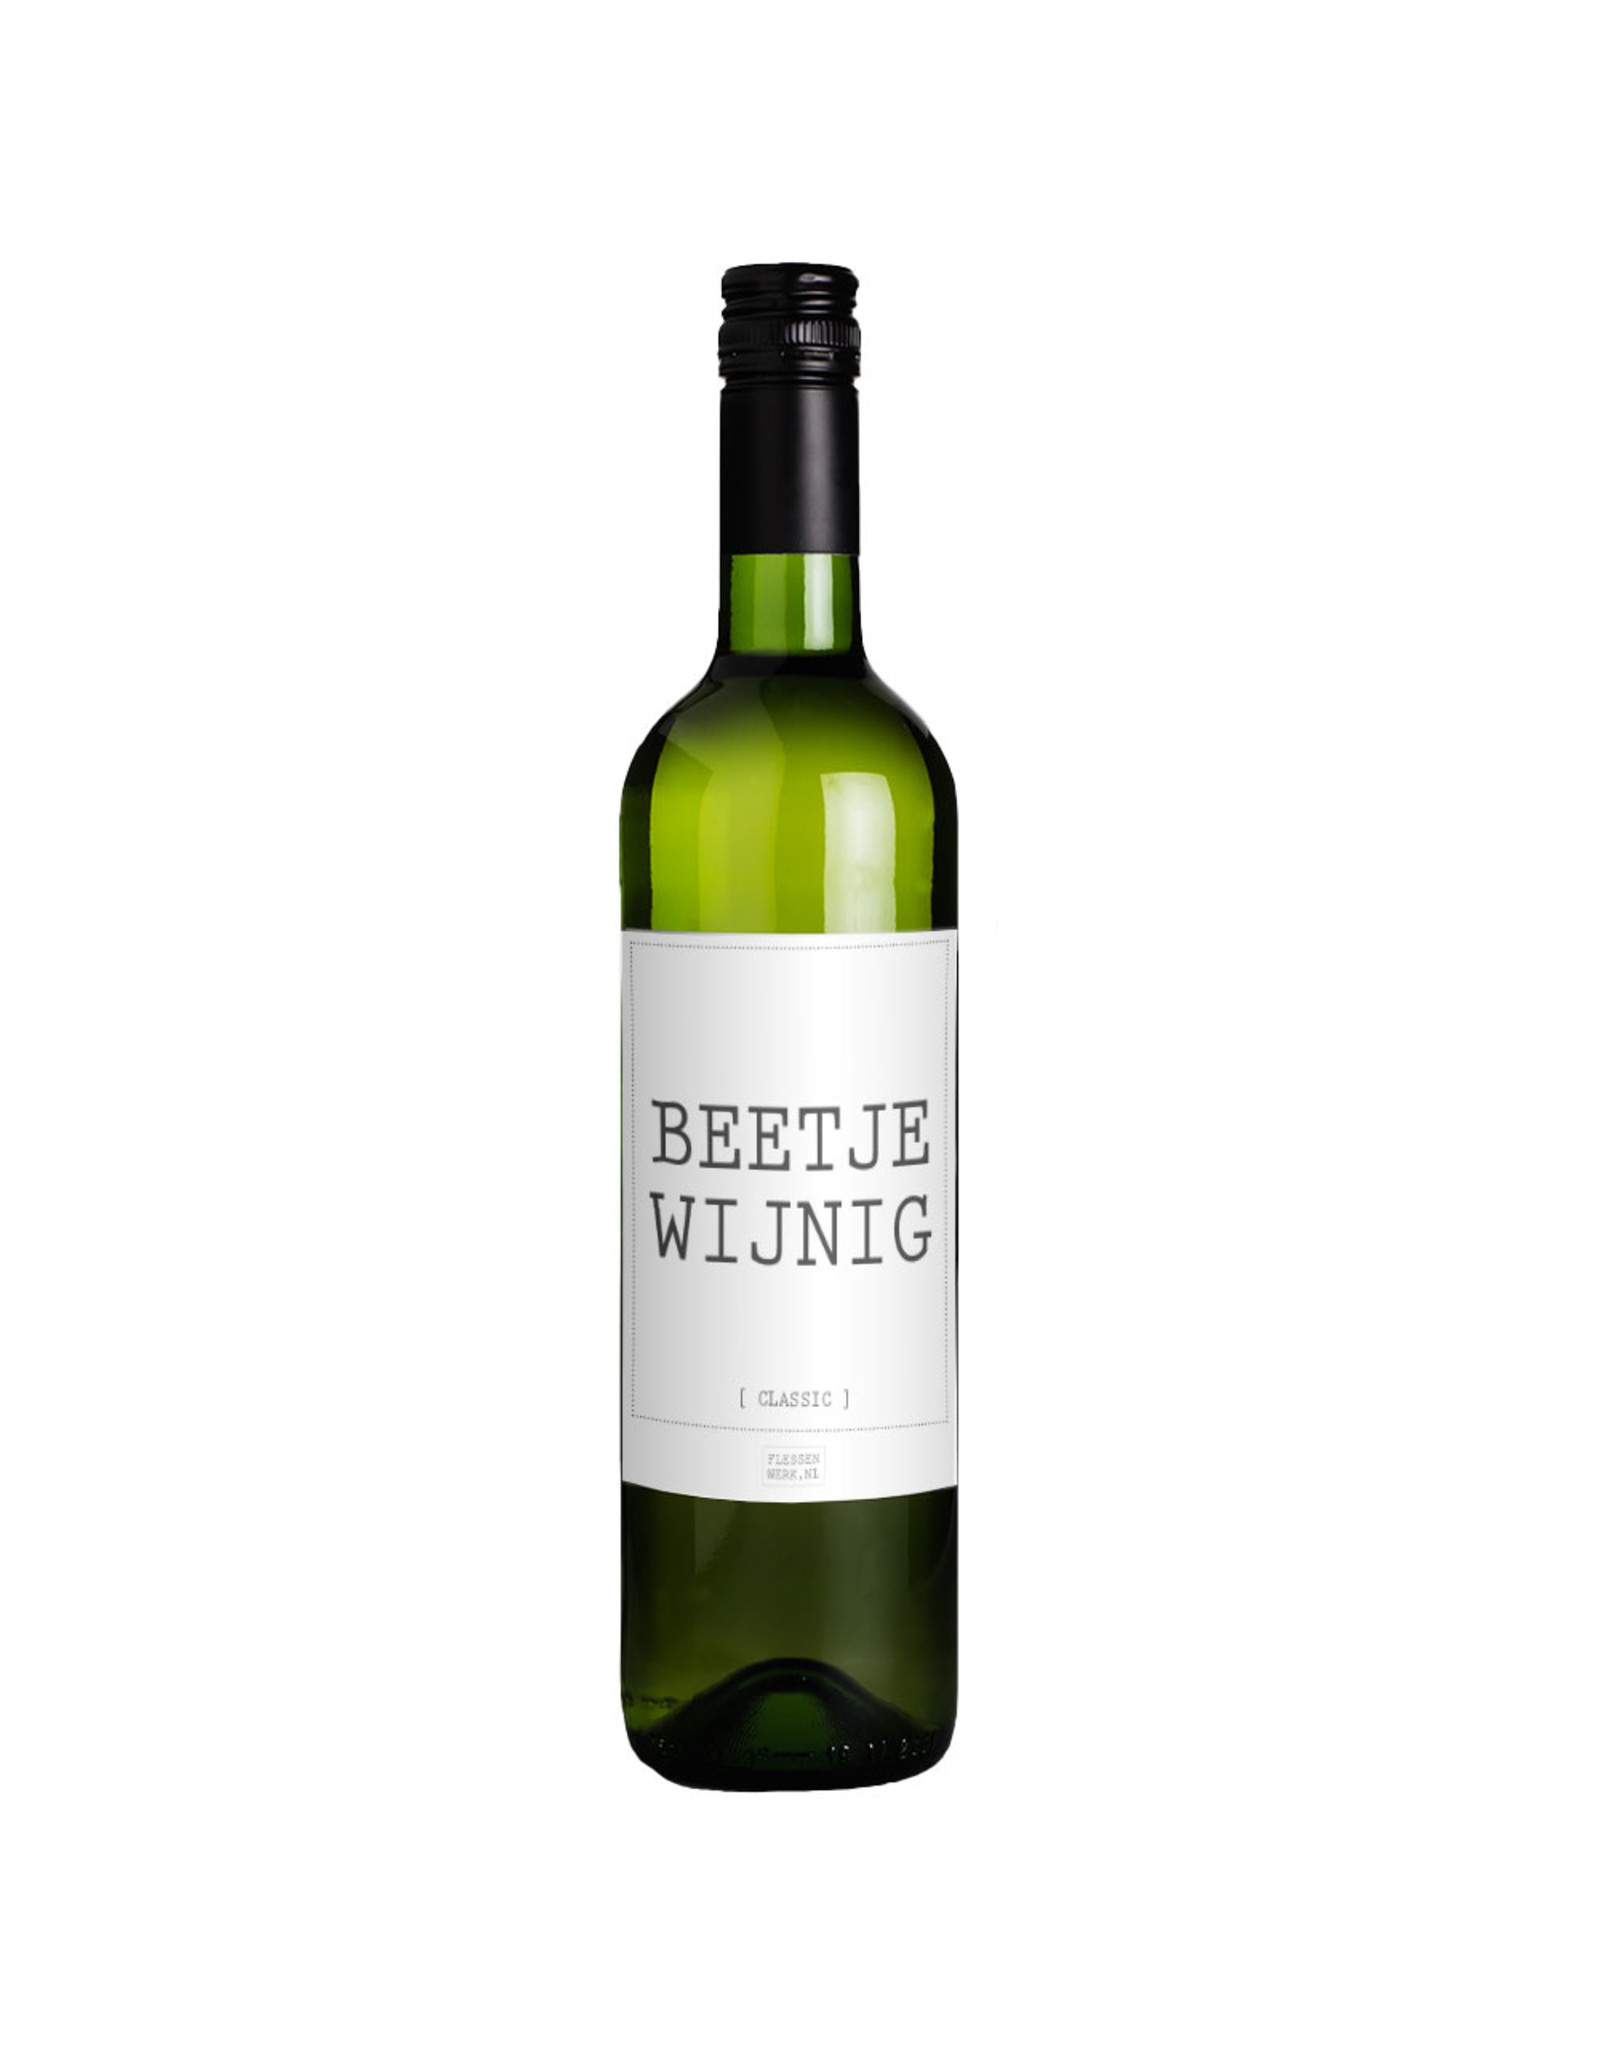 Beetje wijnig - per 6